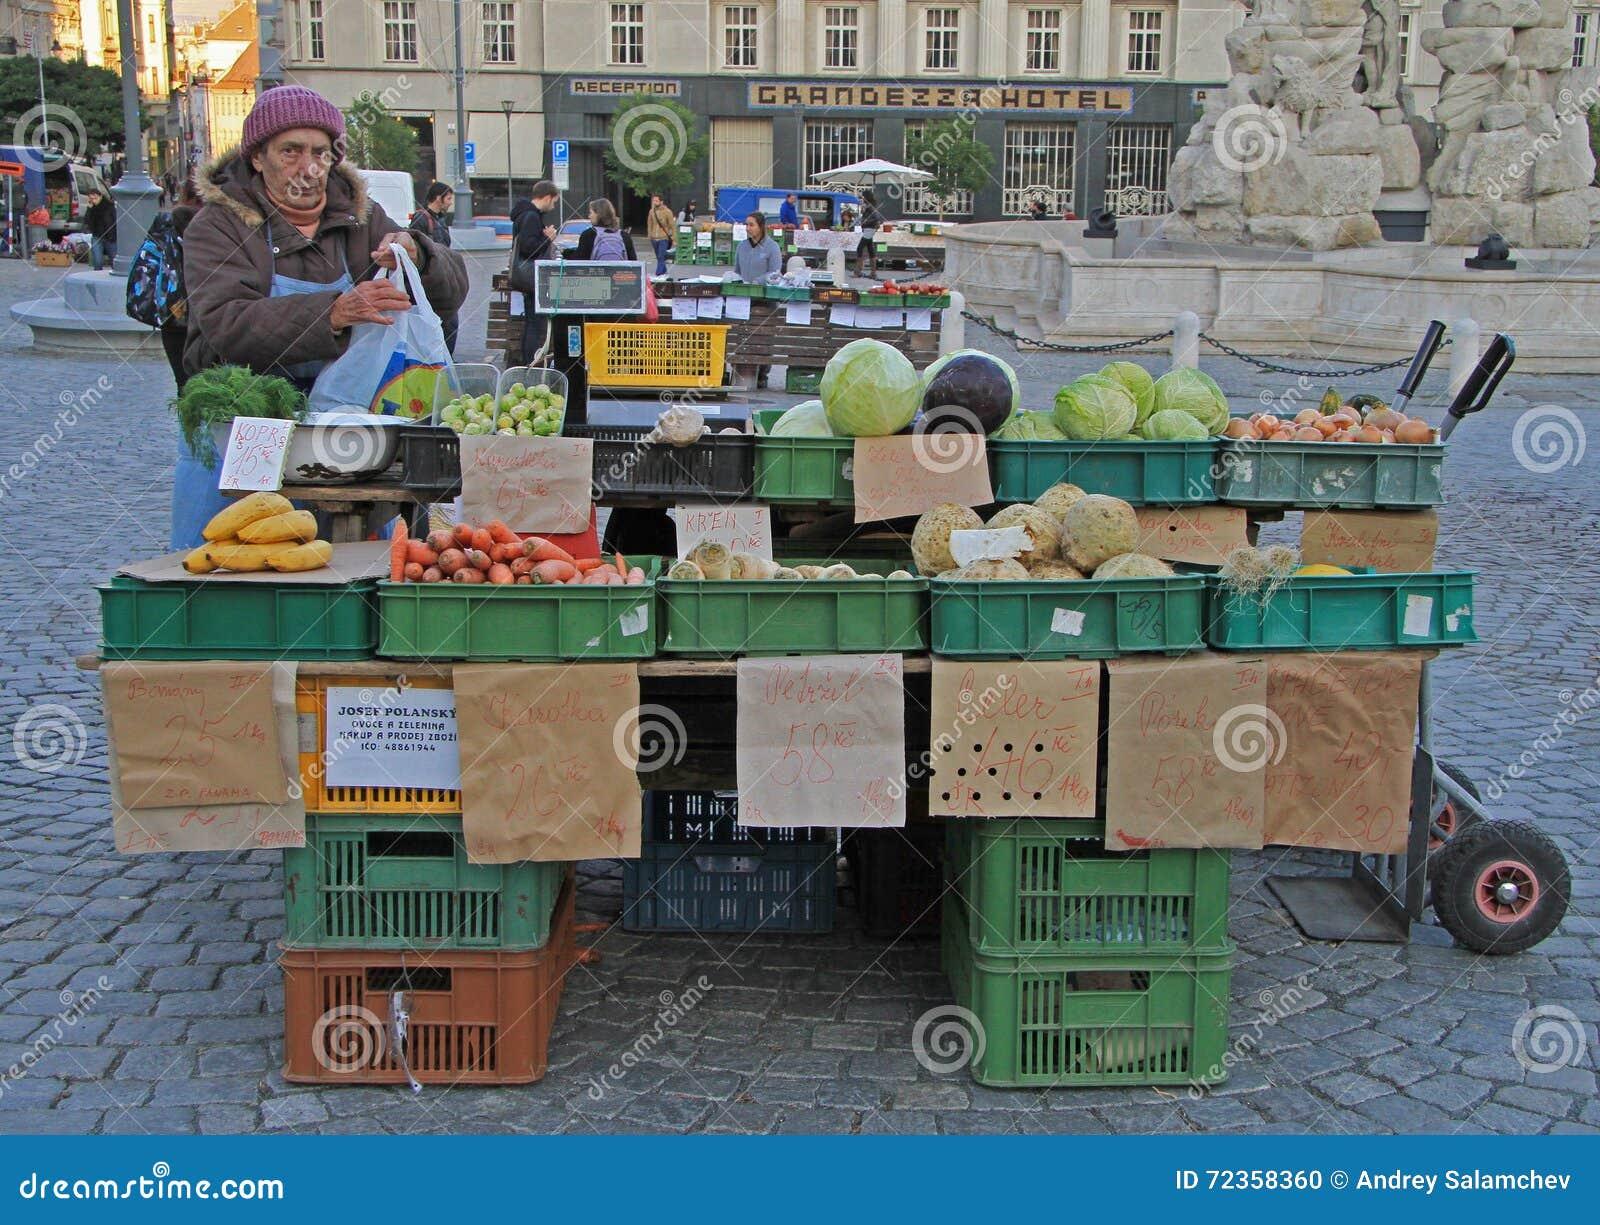 妇女在布尔诺卖在街市上的菜,捷克语